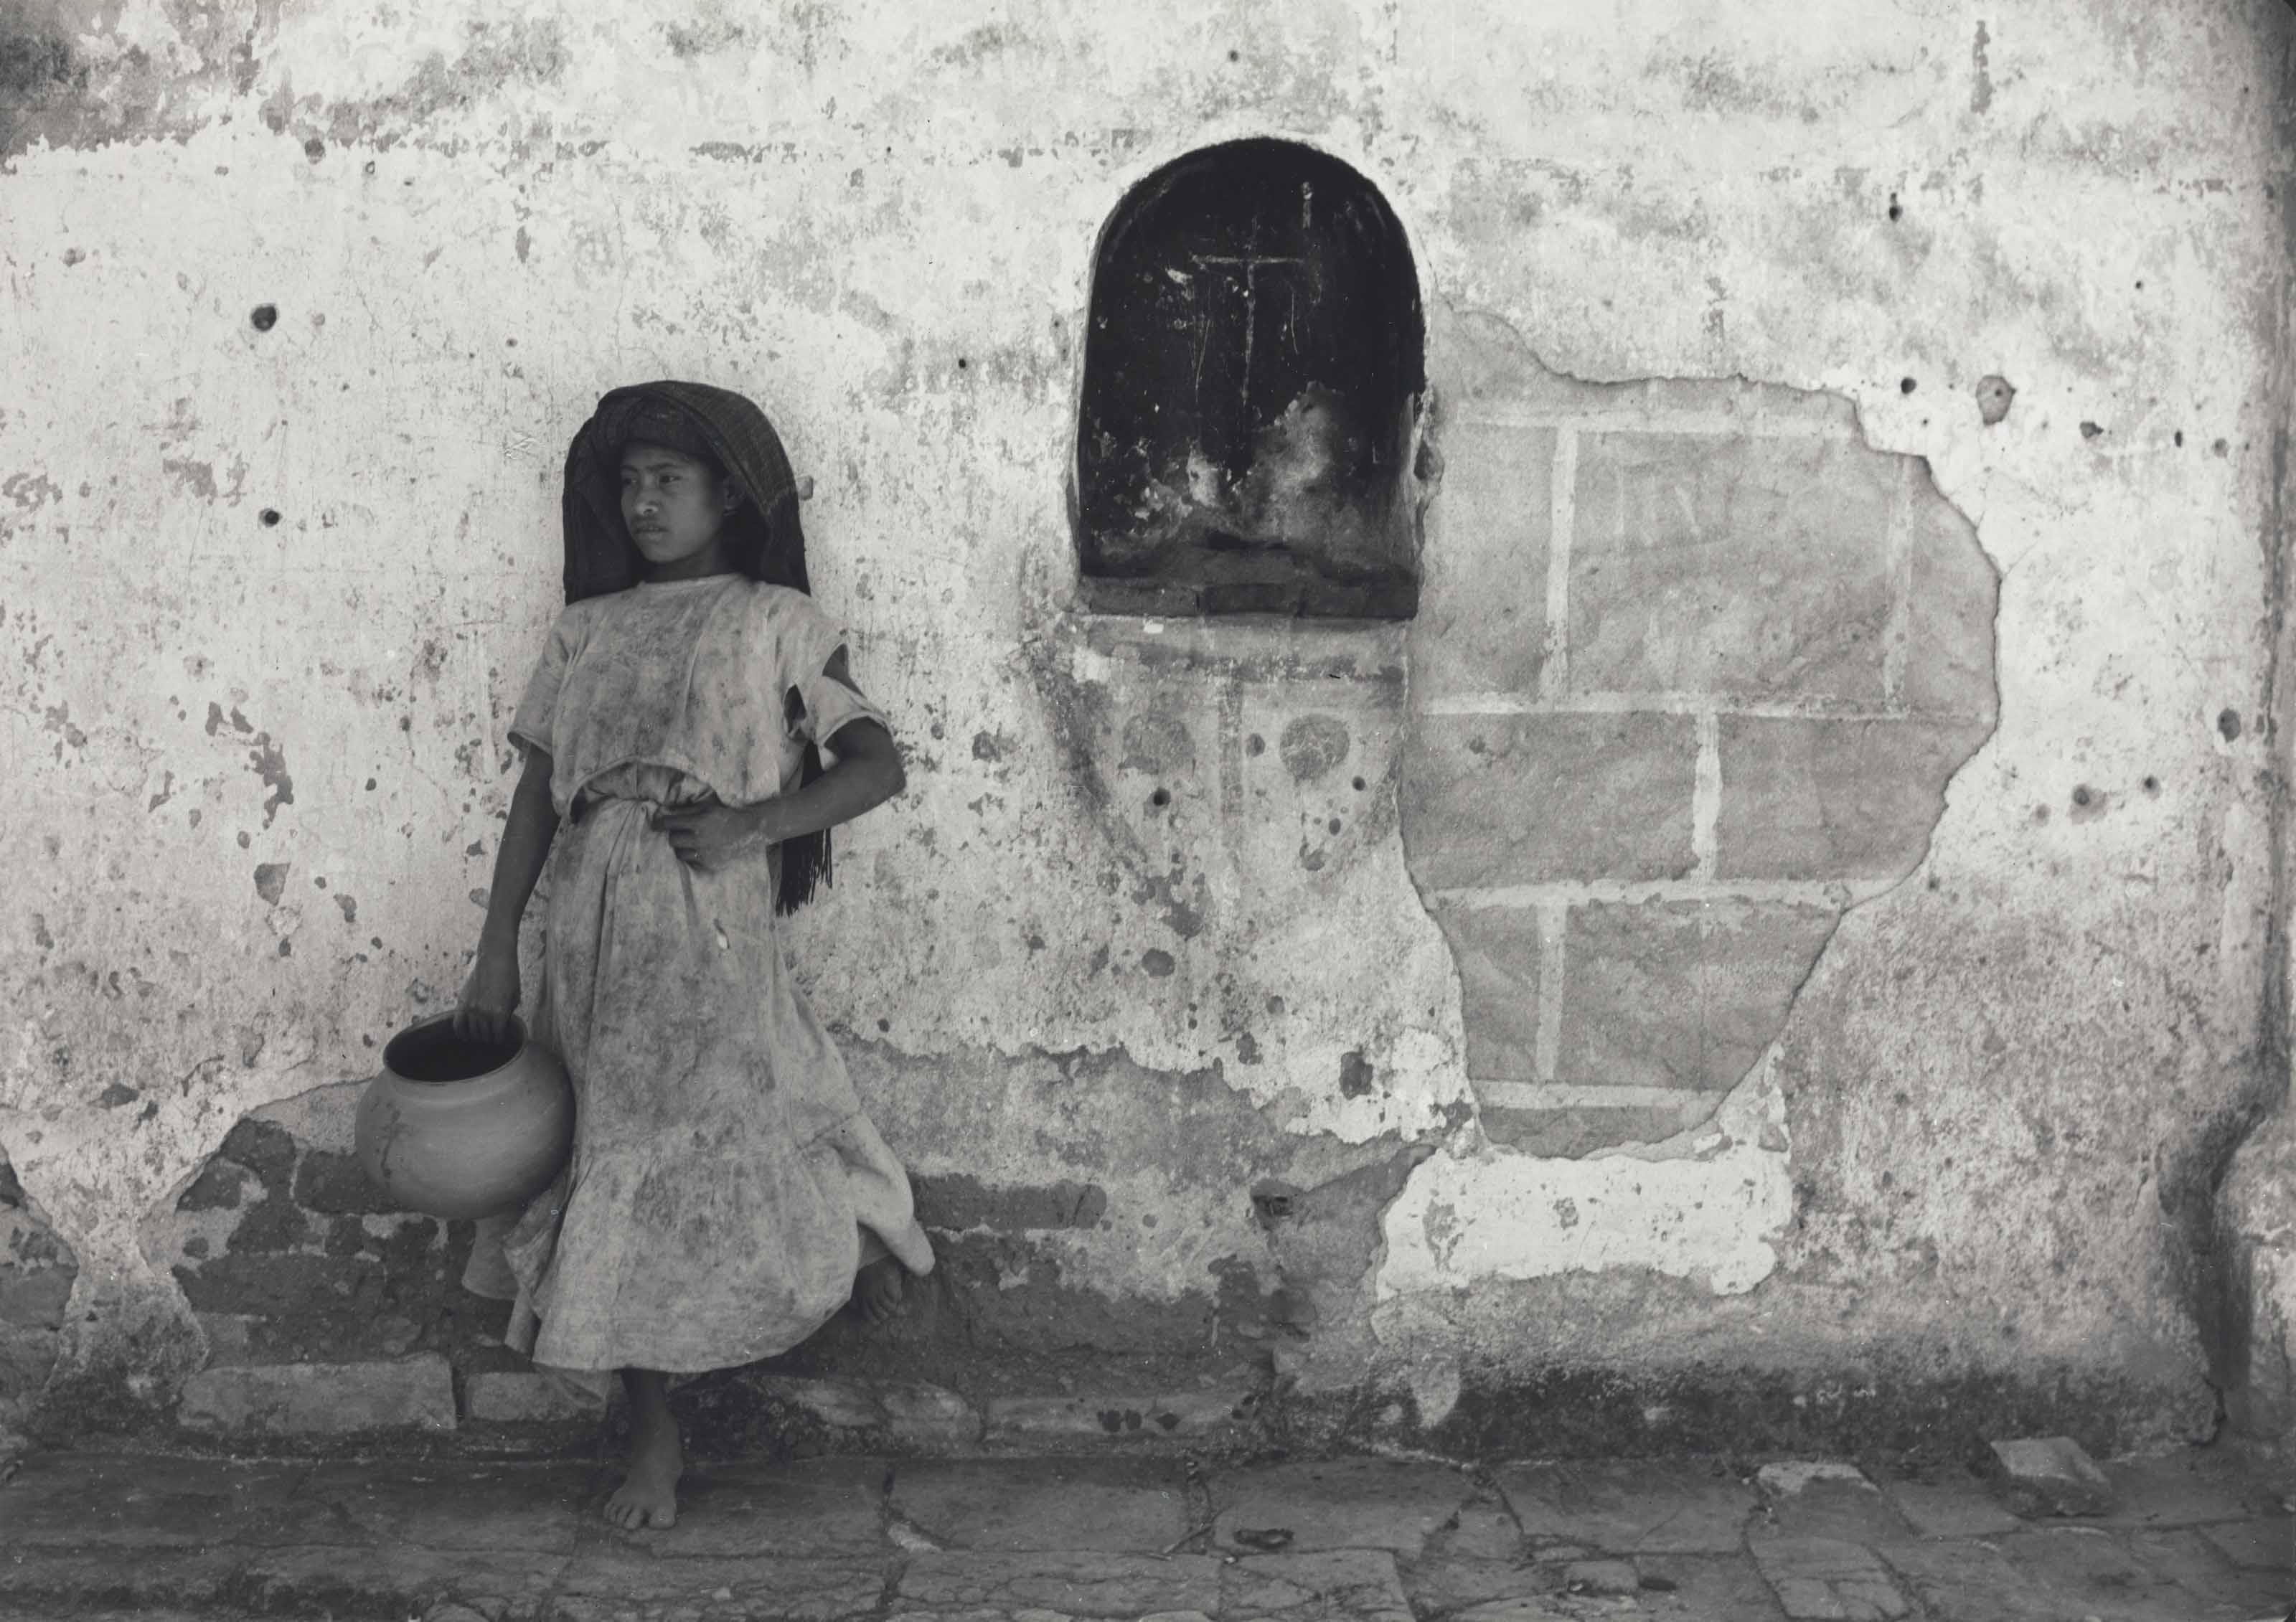 Recuerdo de Atzompan (Remembrance from Atzompan), 1943